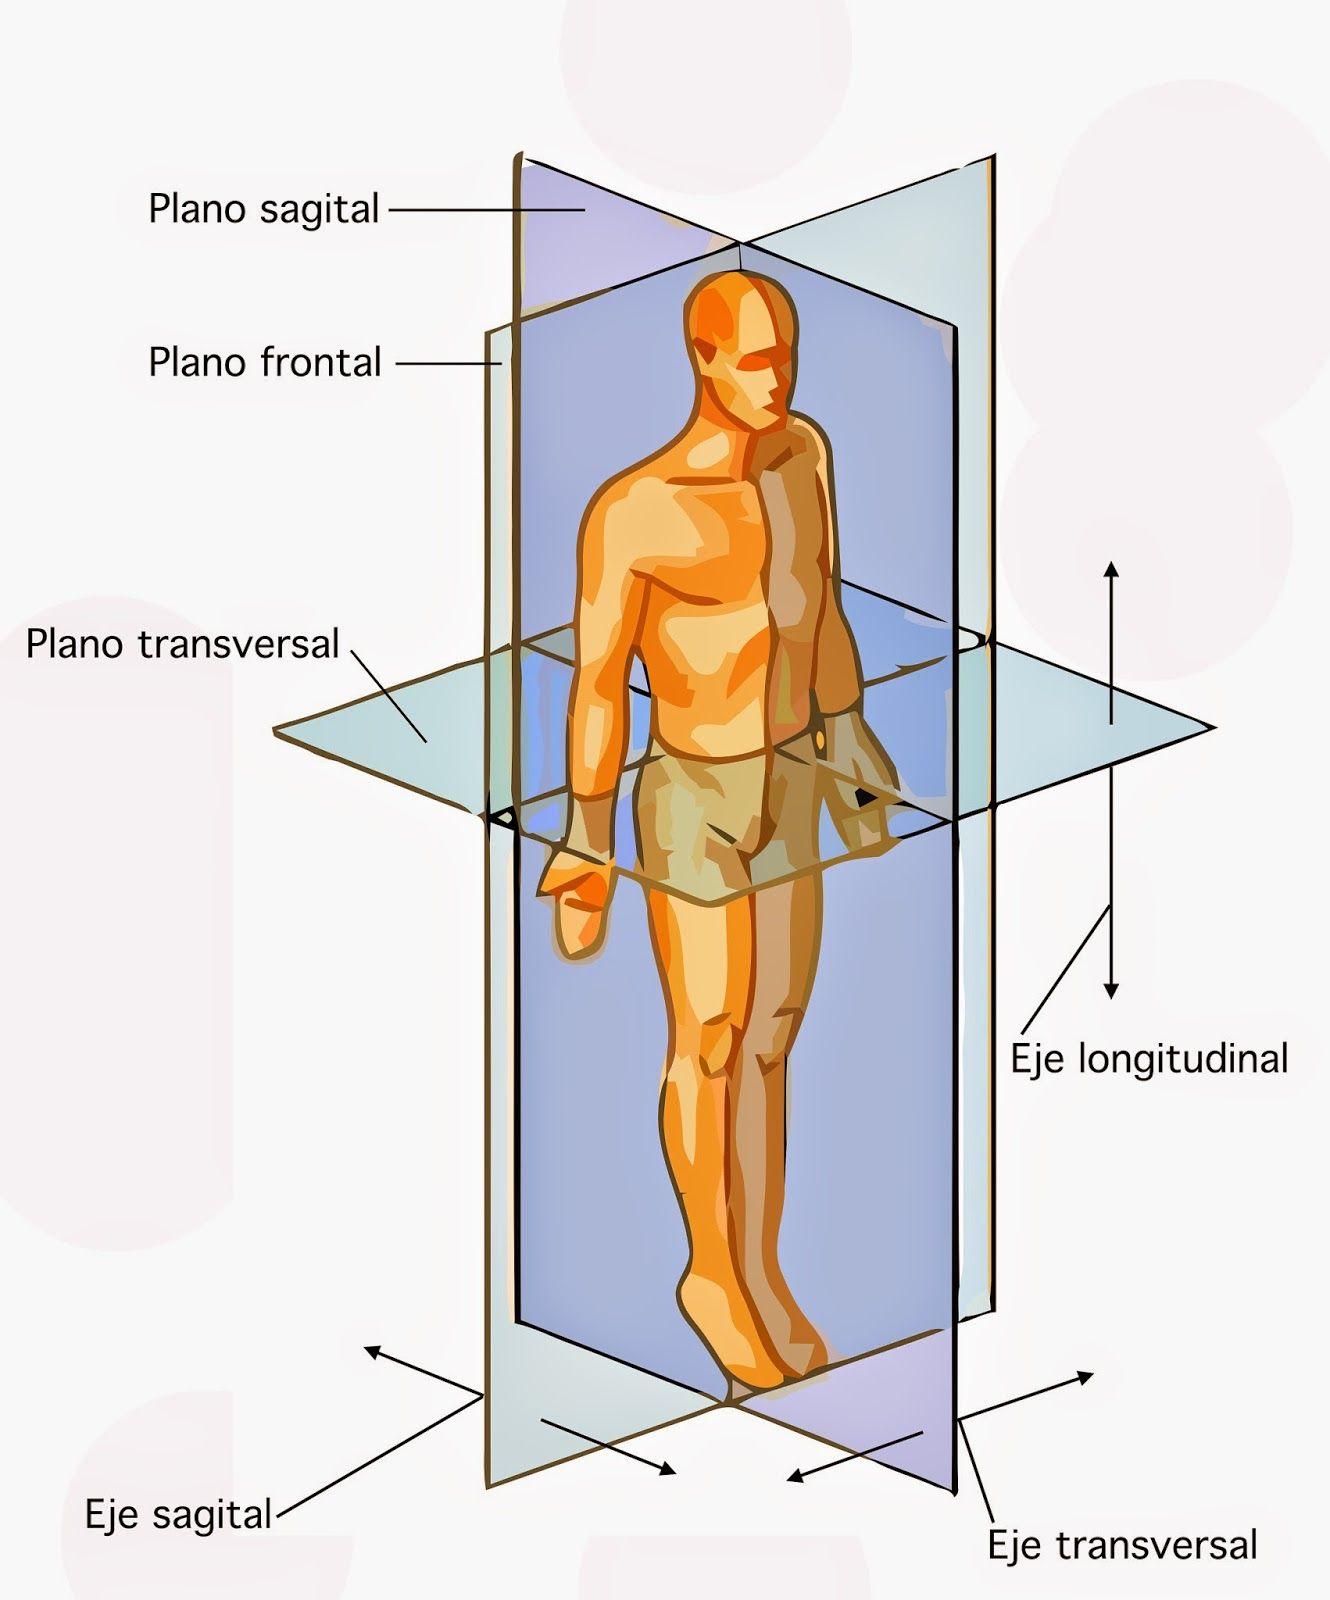 planos y ejes del cuerpo humano - Buscar con Google | auxiliar de ...